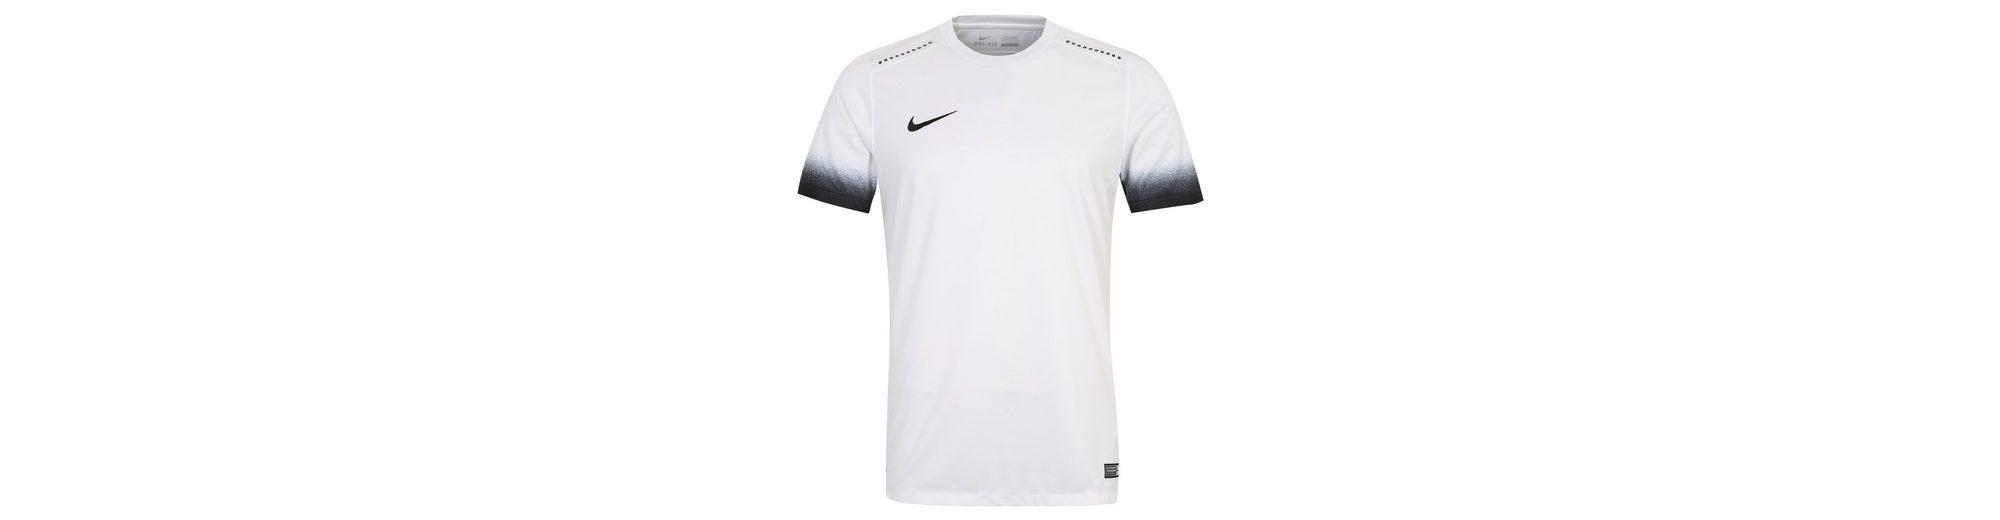 Nike Laser Print III Fu脽balltrikot Herren